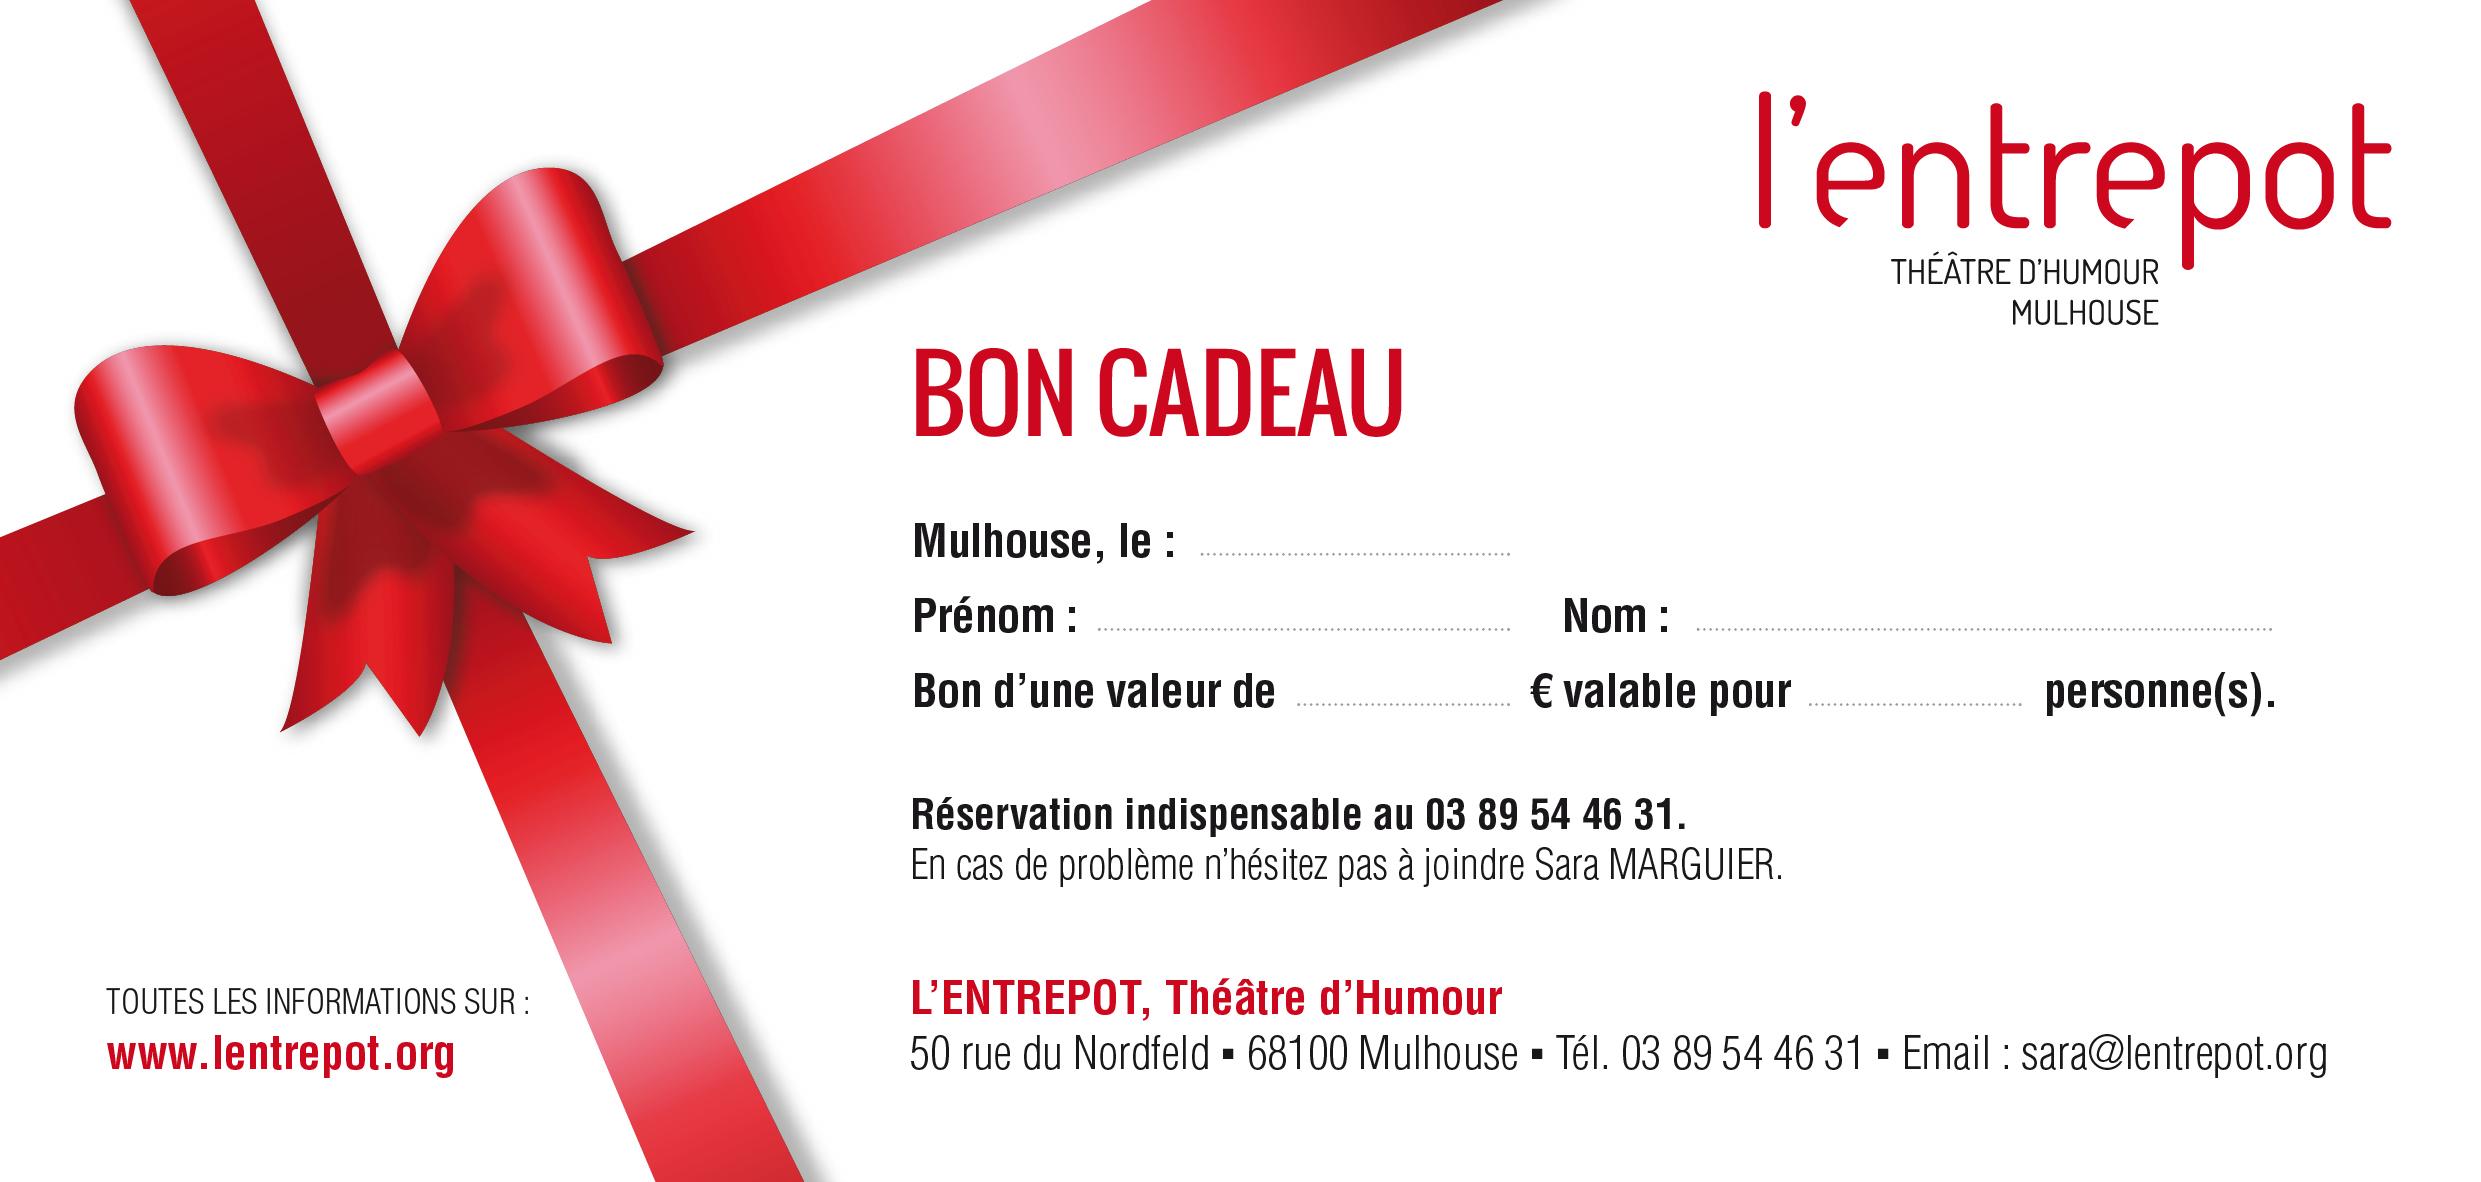 Souvent ABONNEMENT & MÉCENAT – L'Entrepot, Théâtre d'Humour Mulhouse NQ33